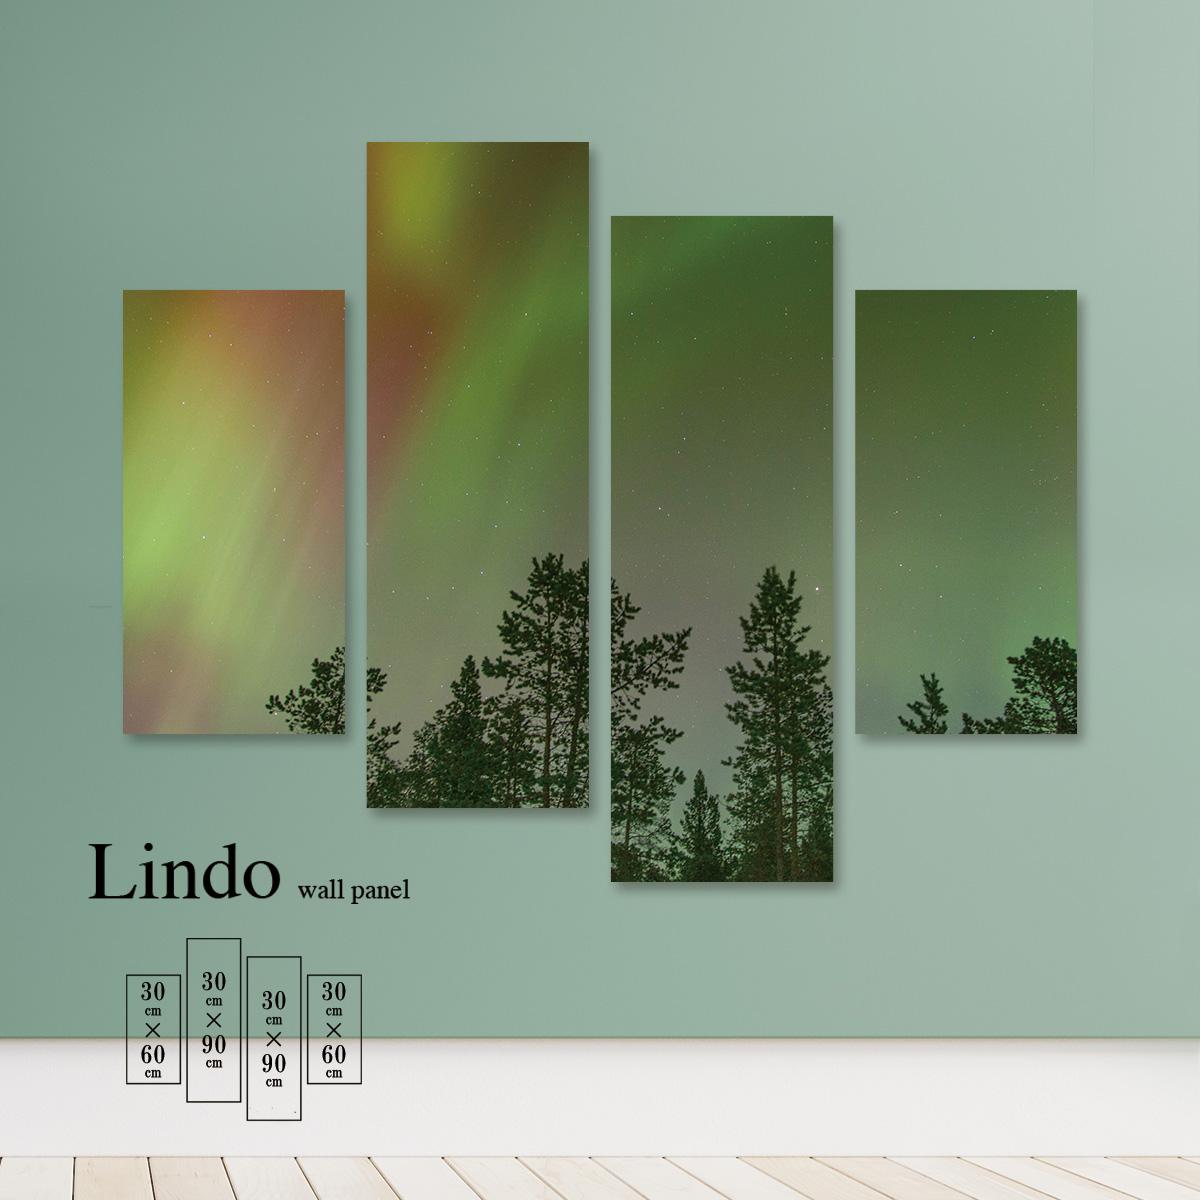 ファブリックパネル オーロラ 空 虹色 景色 夜空 幻想的 木 森 壁掛け 北欧 お洒落 デザイン アート 壁飾り アートボード 4枚パネル